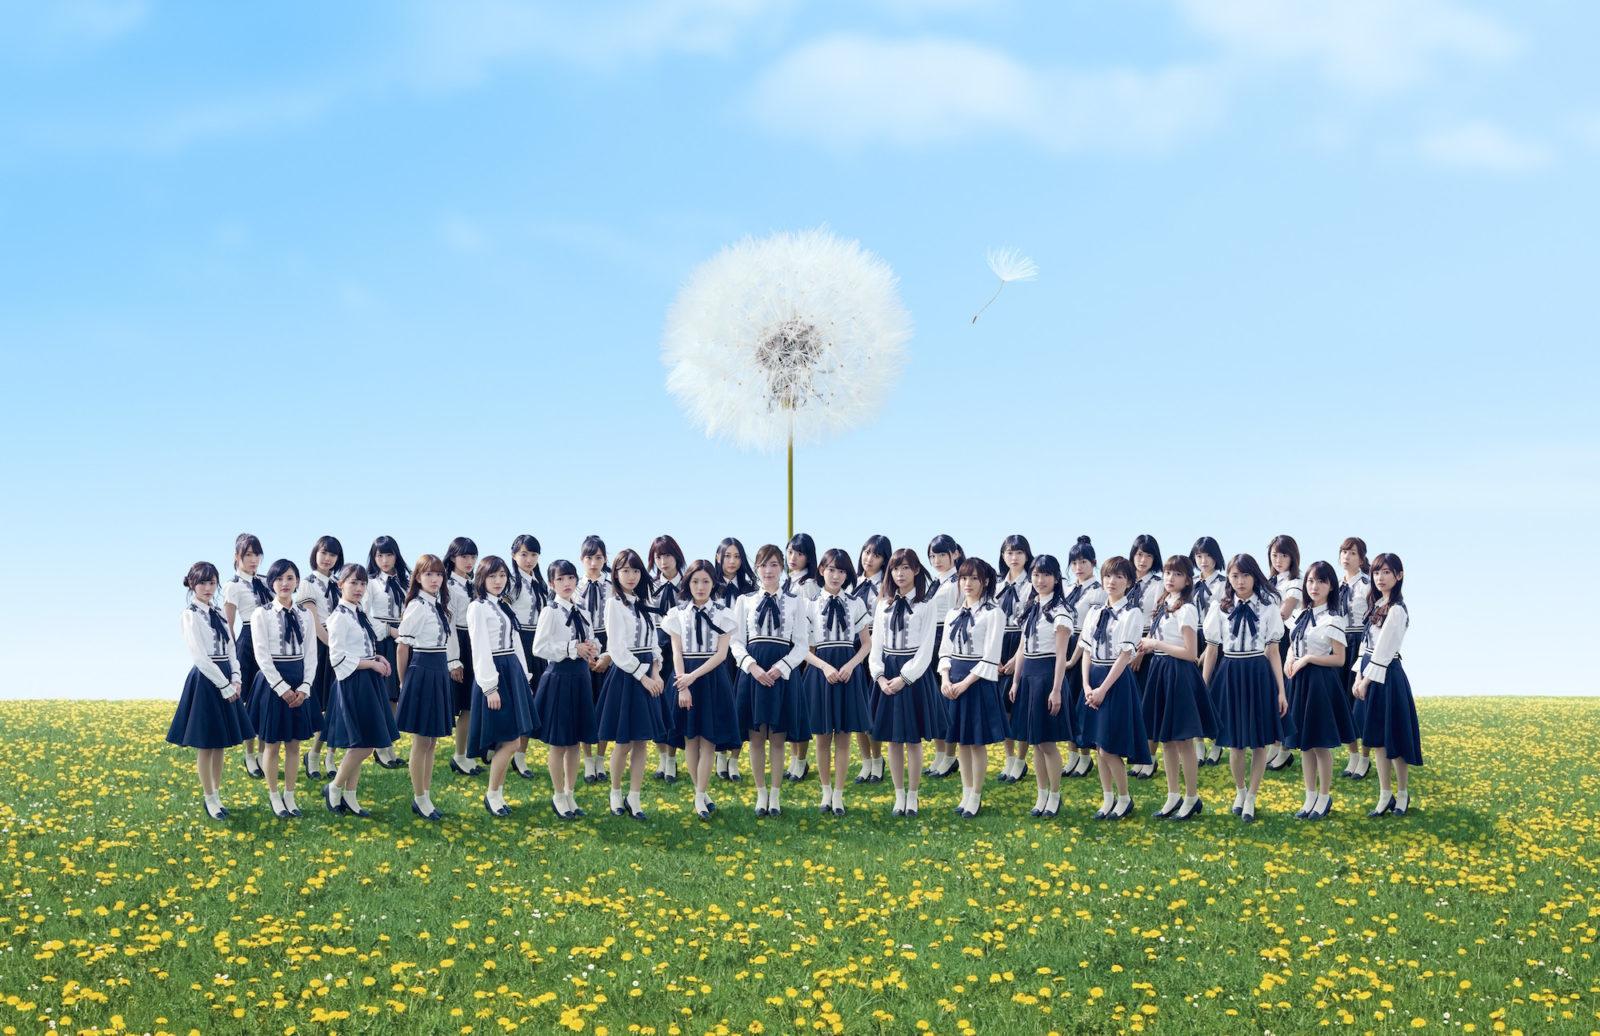 AKB48・柏木由紀、NMB48・須藤凜々花への言及を拒否「私を通さないでやって下さい」サムネイル画像